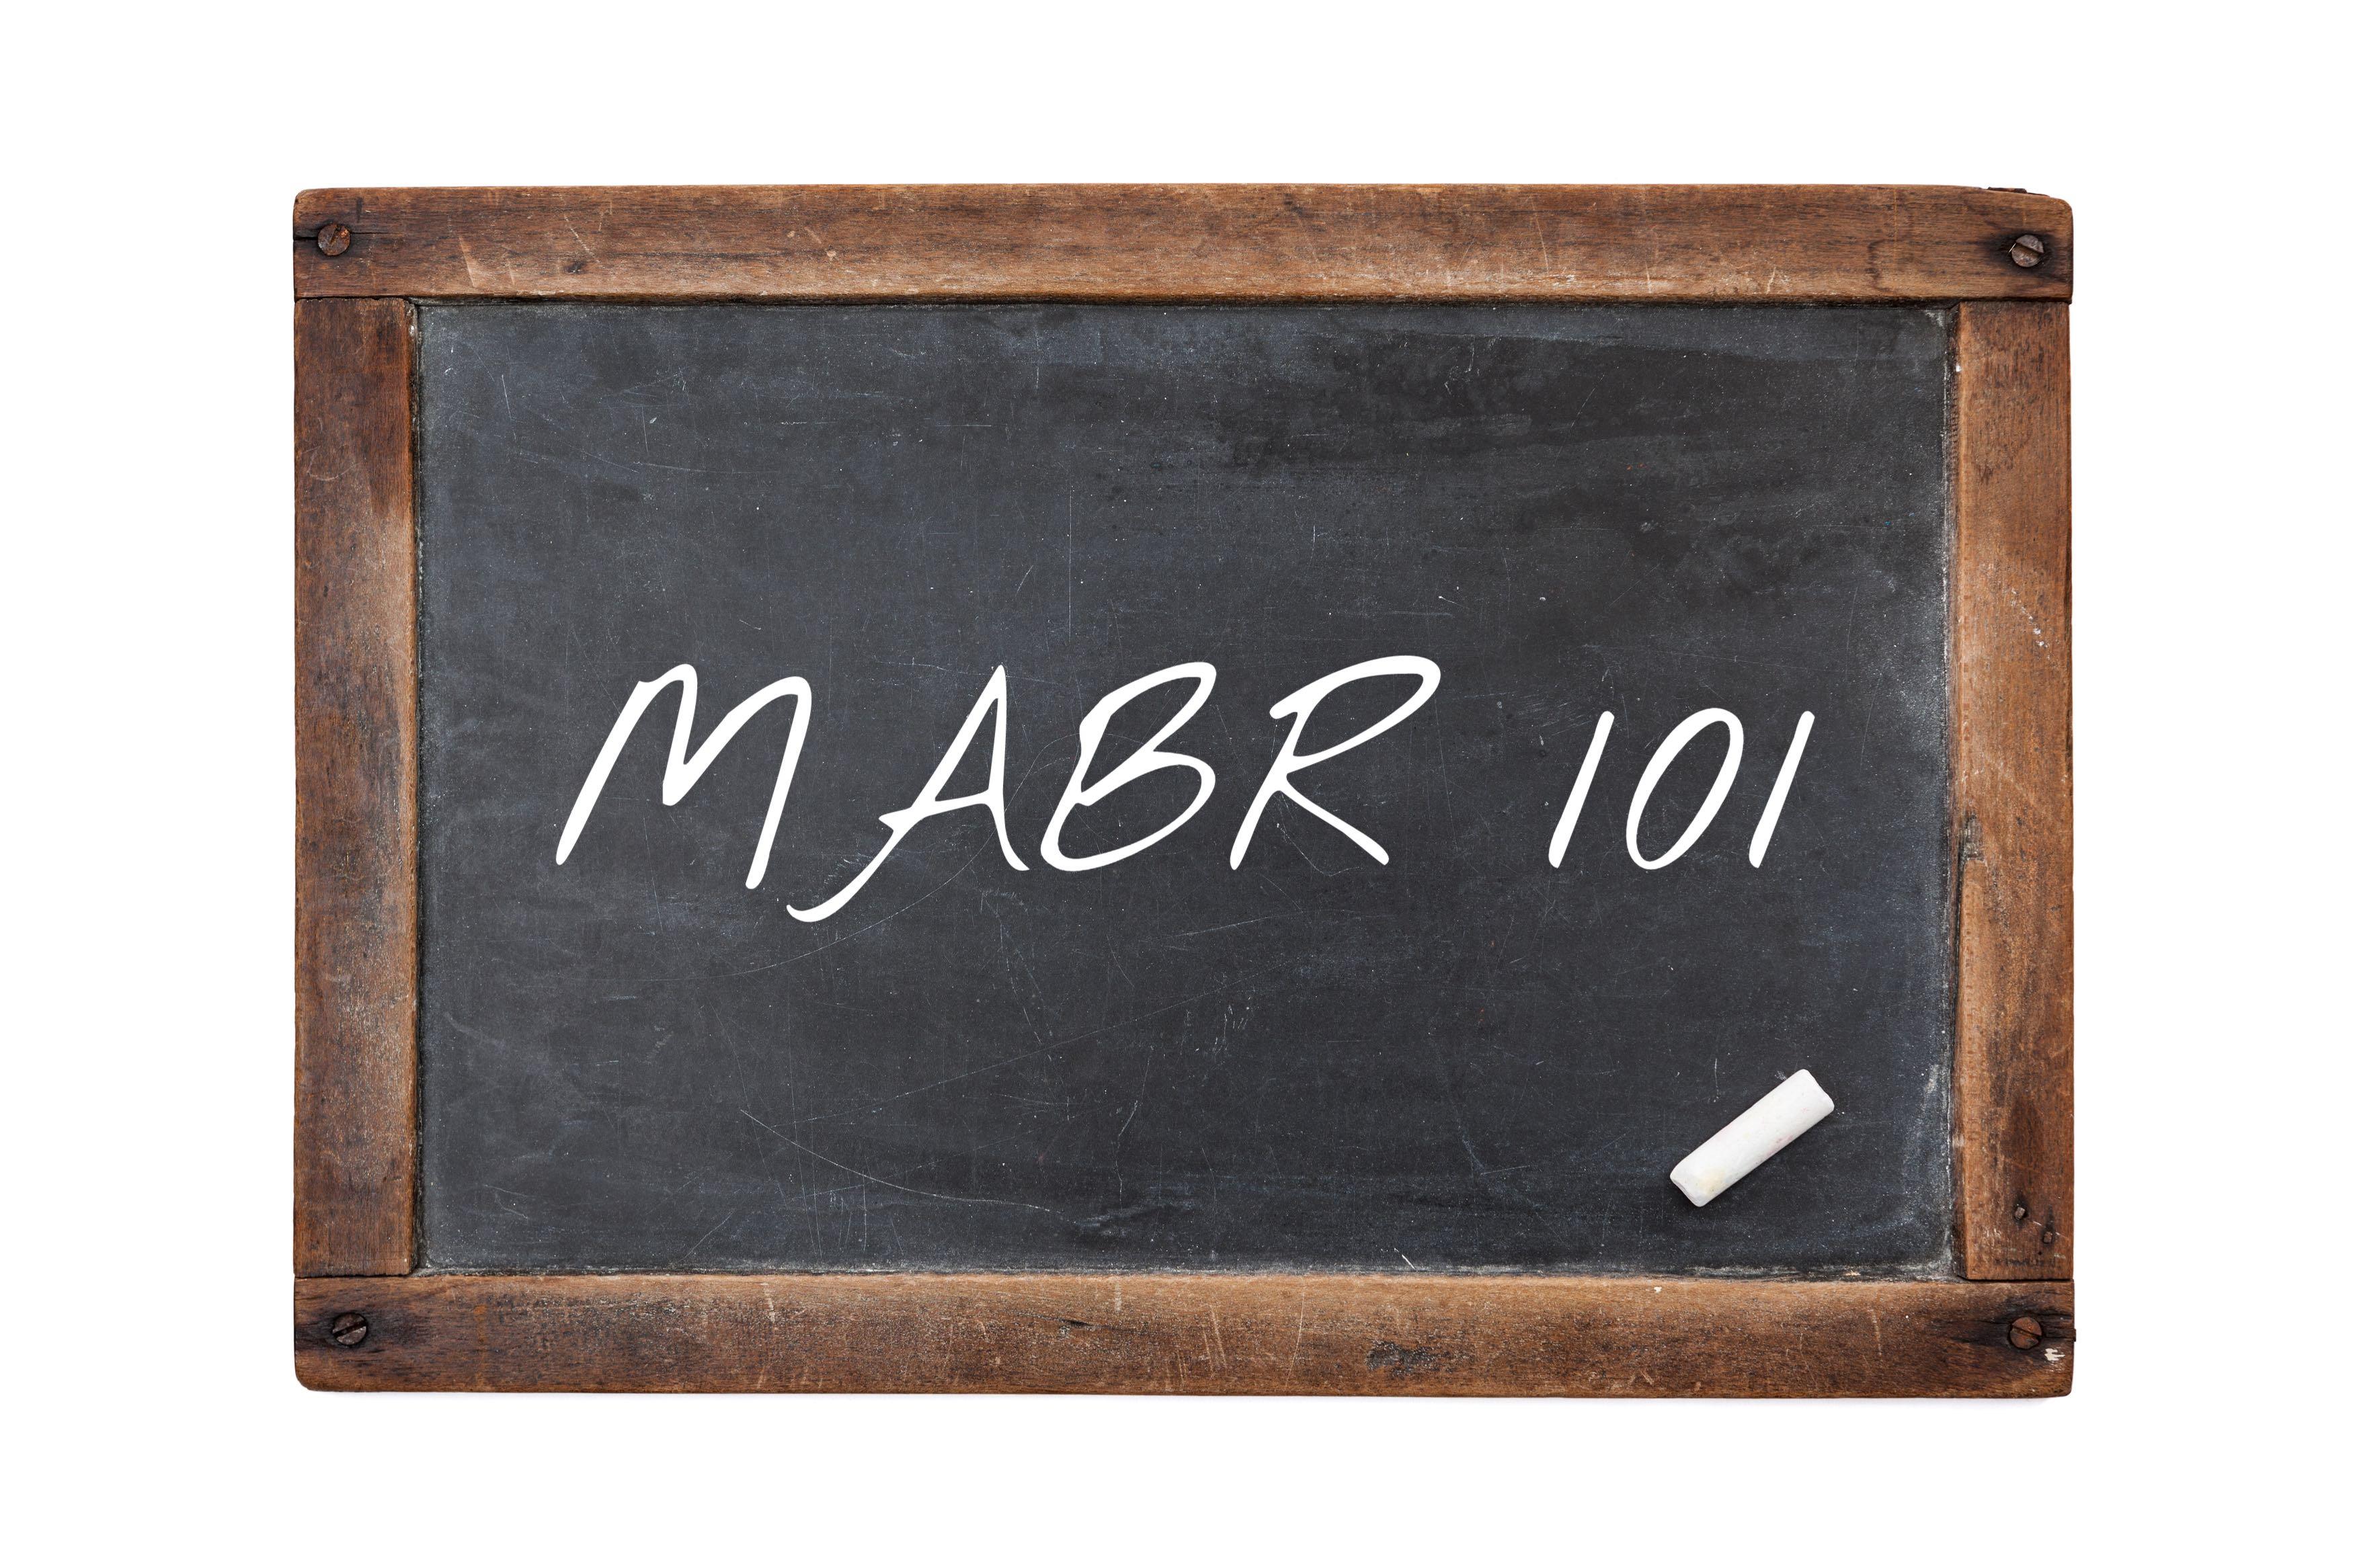 MABR 101 Chalkboard.jpg